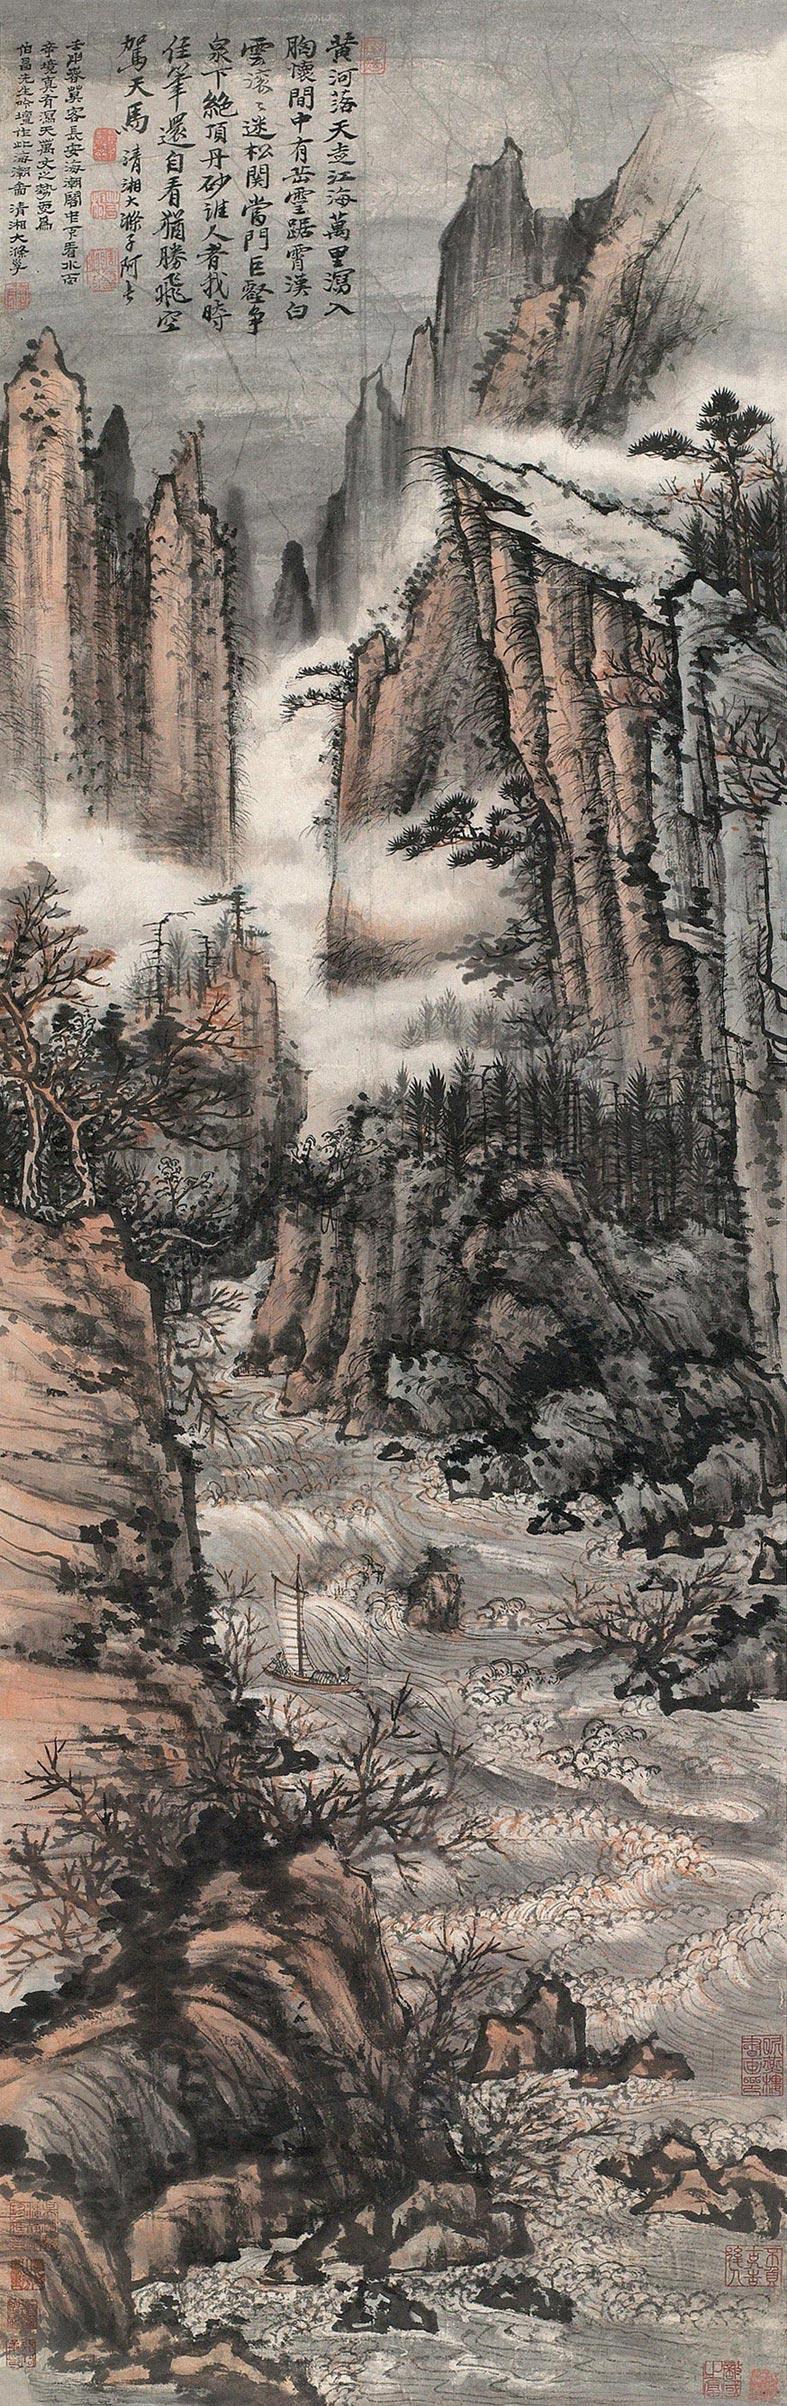 石涛 海潮图 1692年作